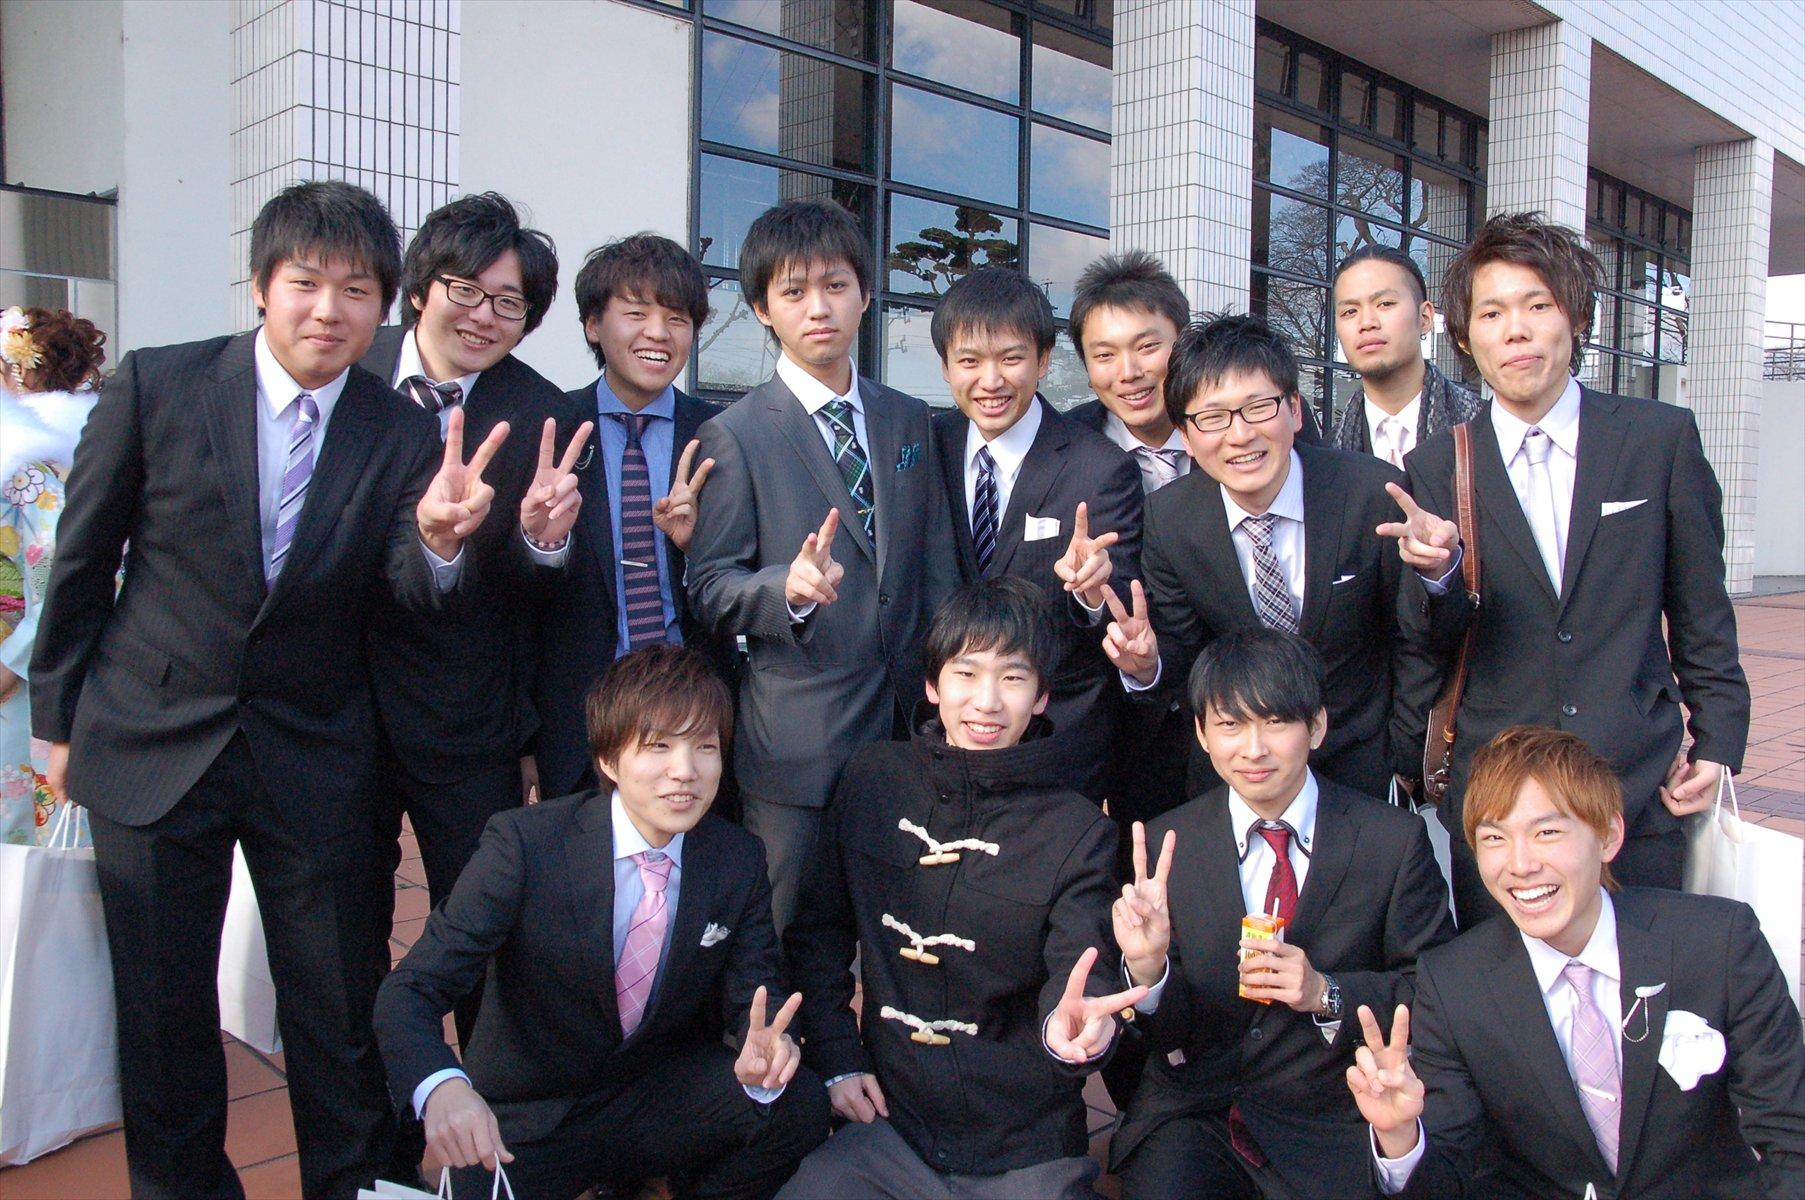 垂井町立不破中学校 - JapaneseC...